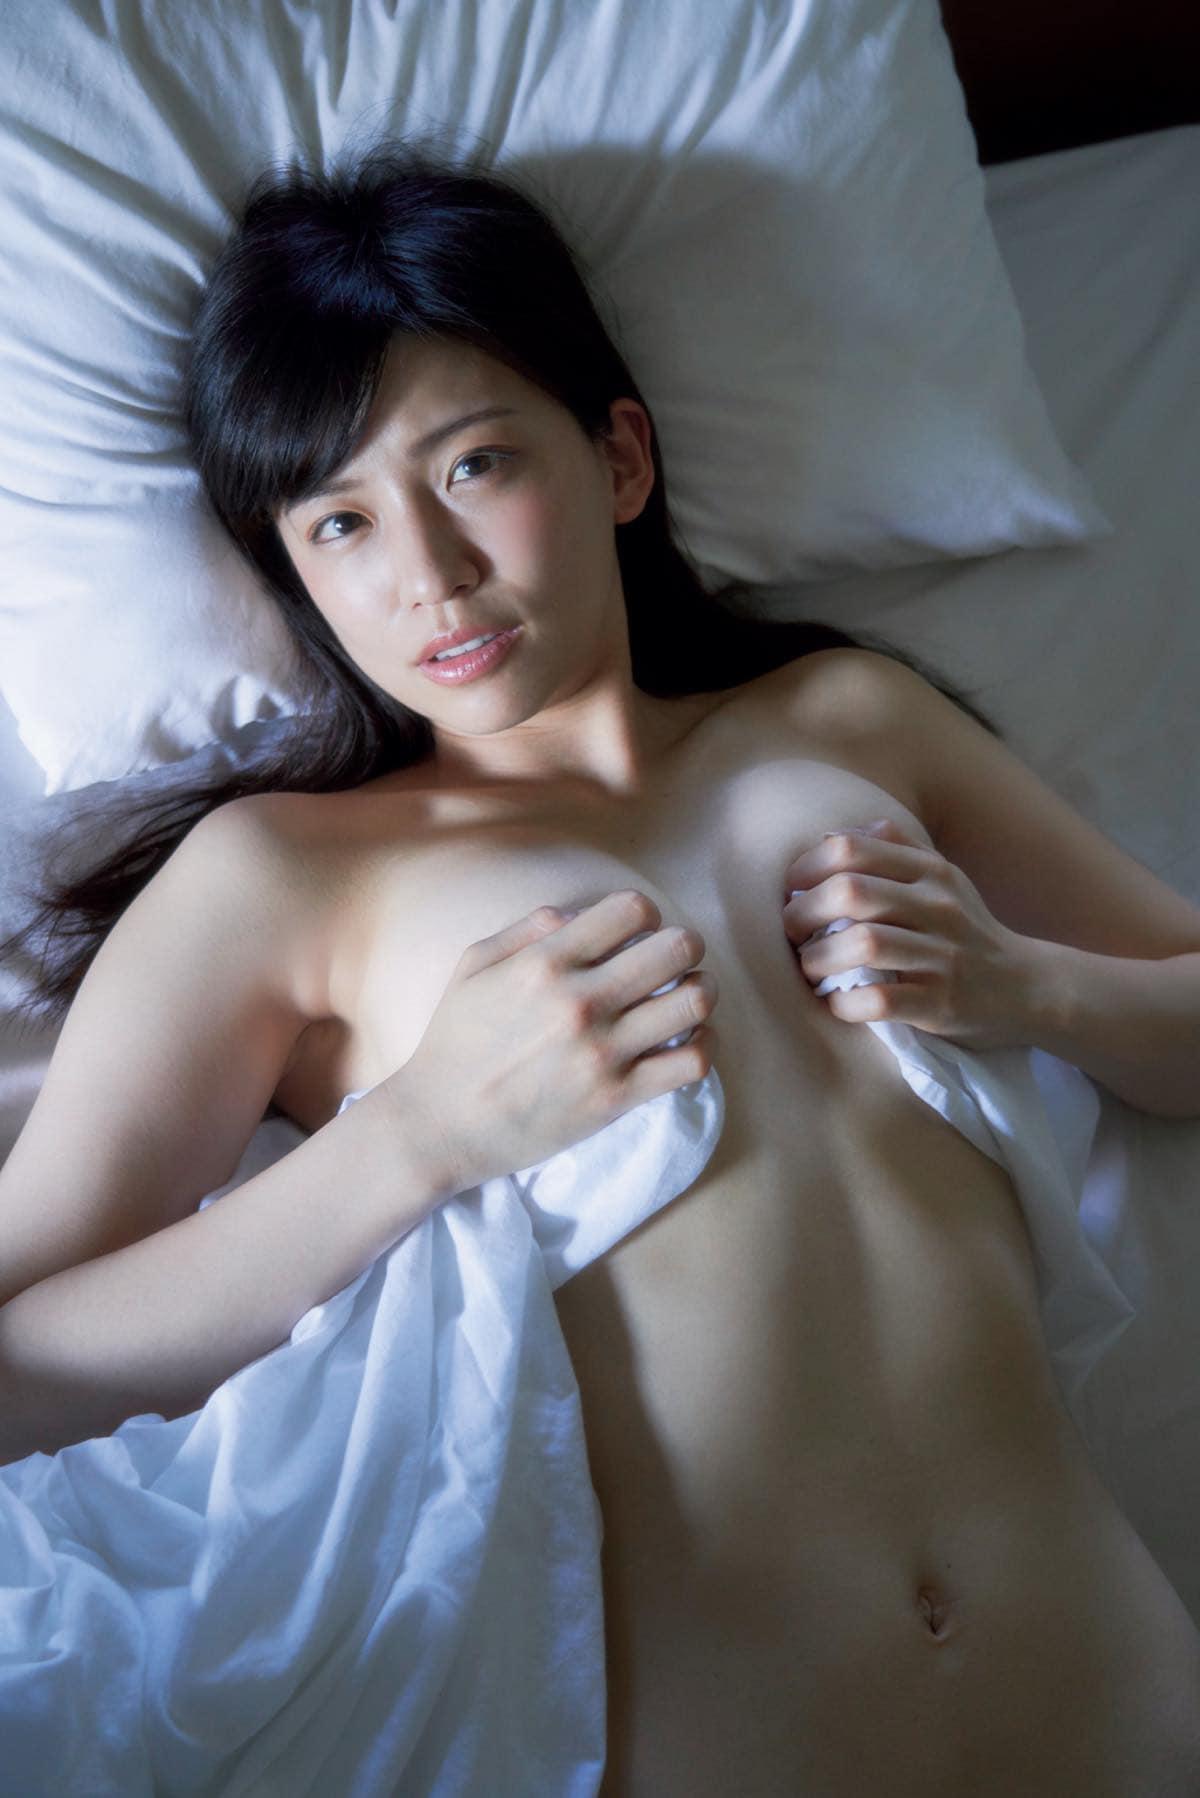 佐野マリア「ほぼ生まれたまま」大胆すぎる入浴姿【写真7枚】の画像004